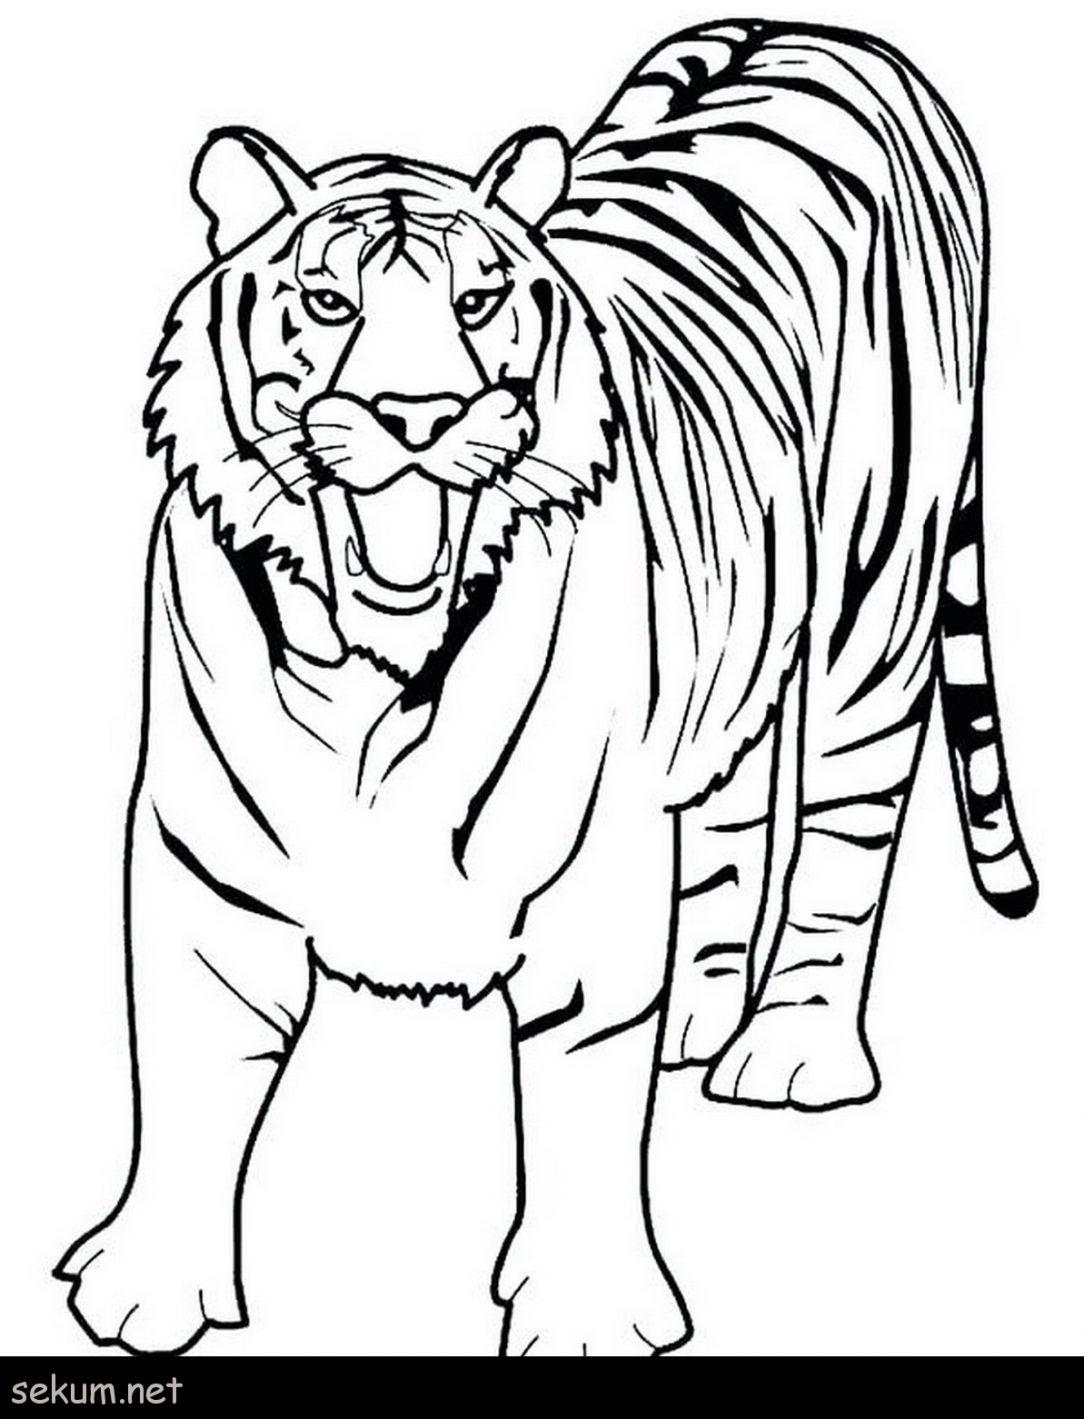 Lsu Tiger Drawing